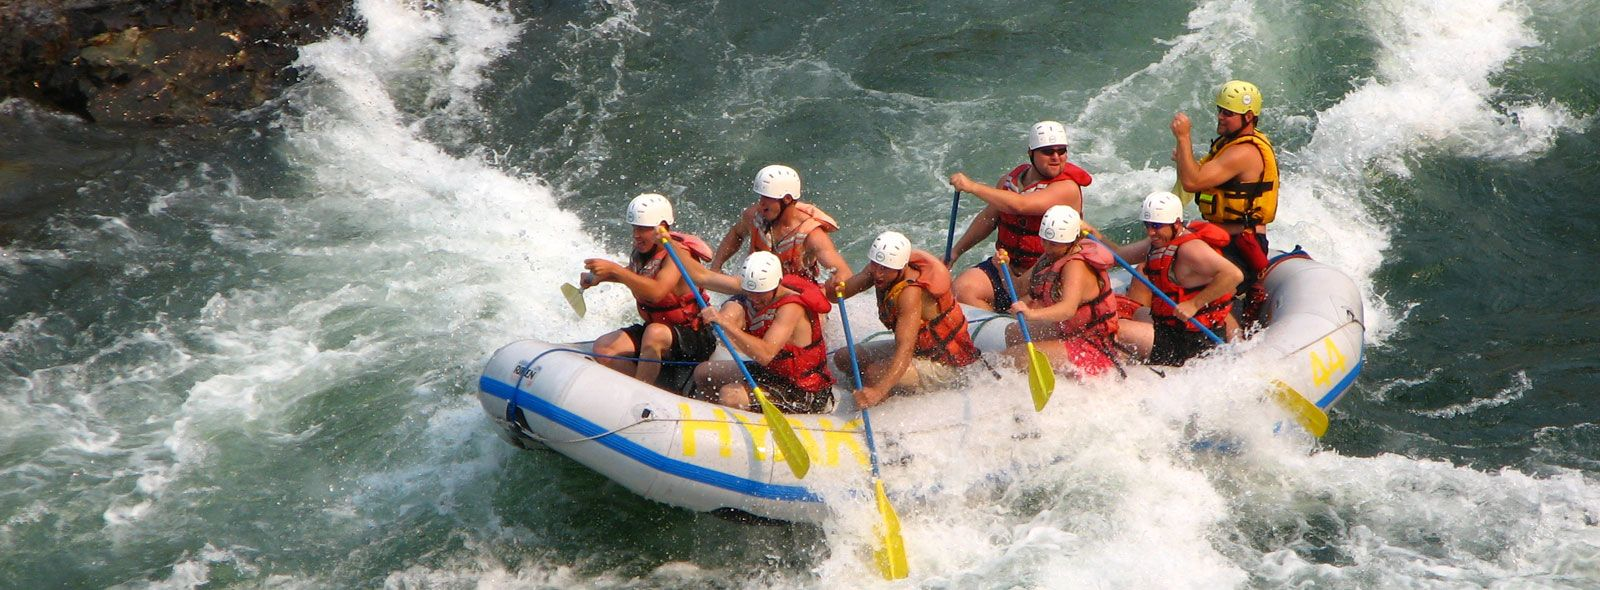 Rafting Cascata delle Marmore